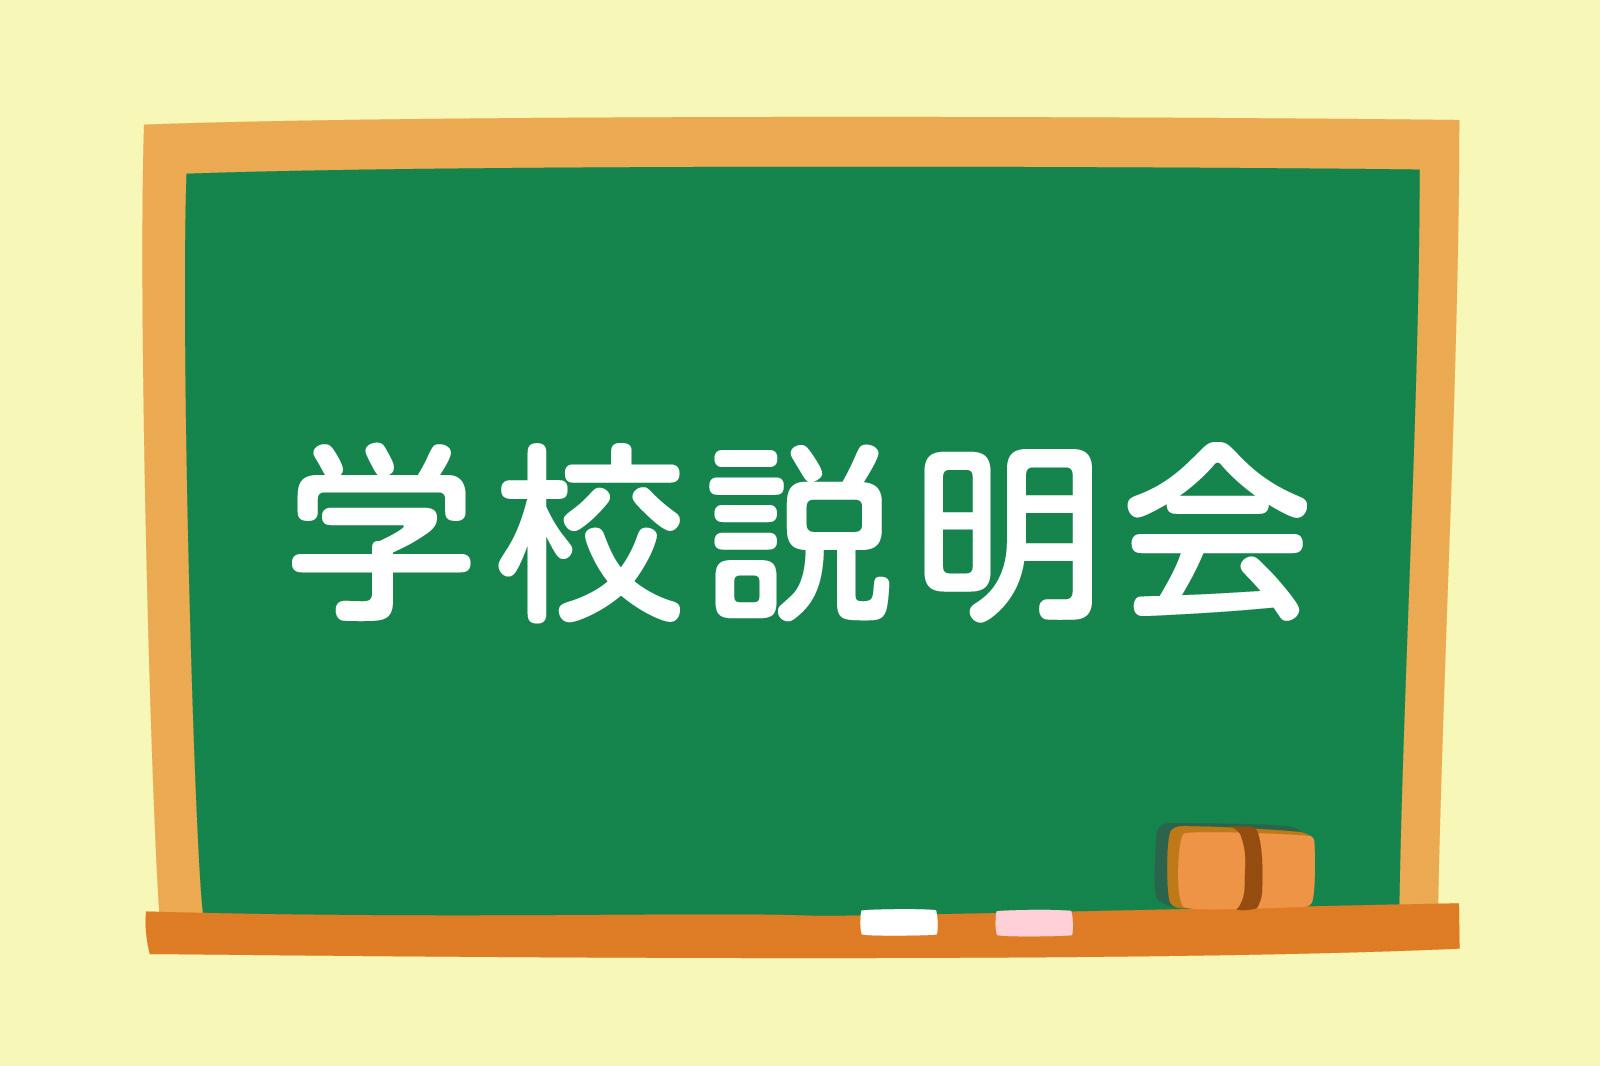 医薬コース特別説明会・・・近畿大学附属中学校 6/22